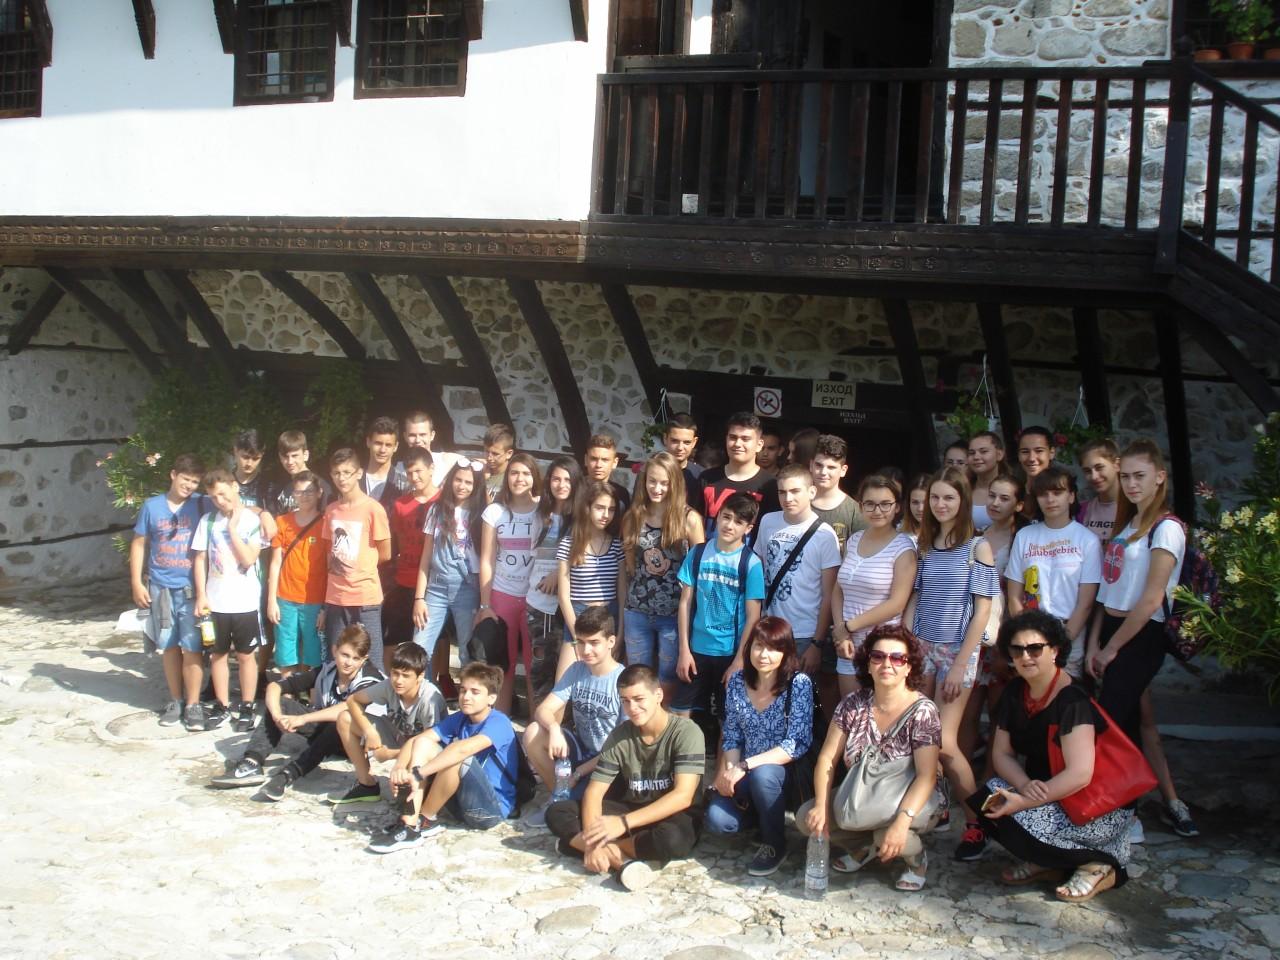 Екскурзия на 7а и 7в клас – 7, 8 юни 2018 г.